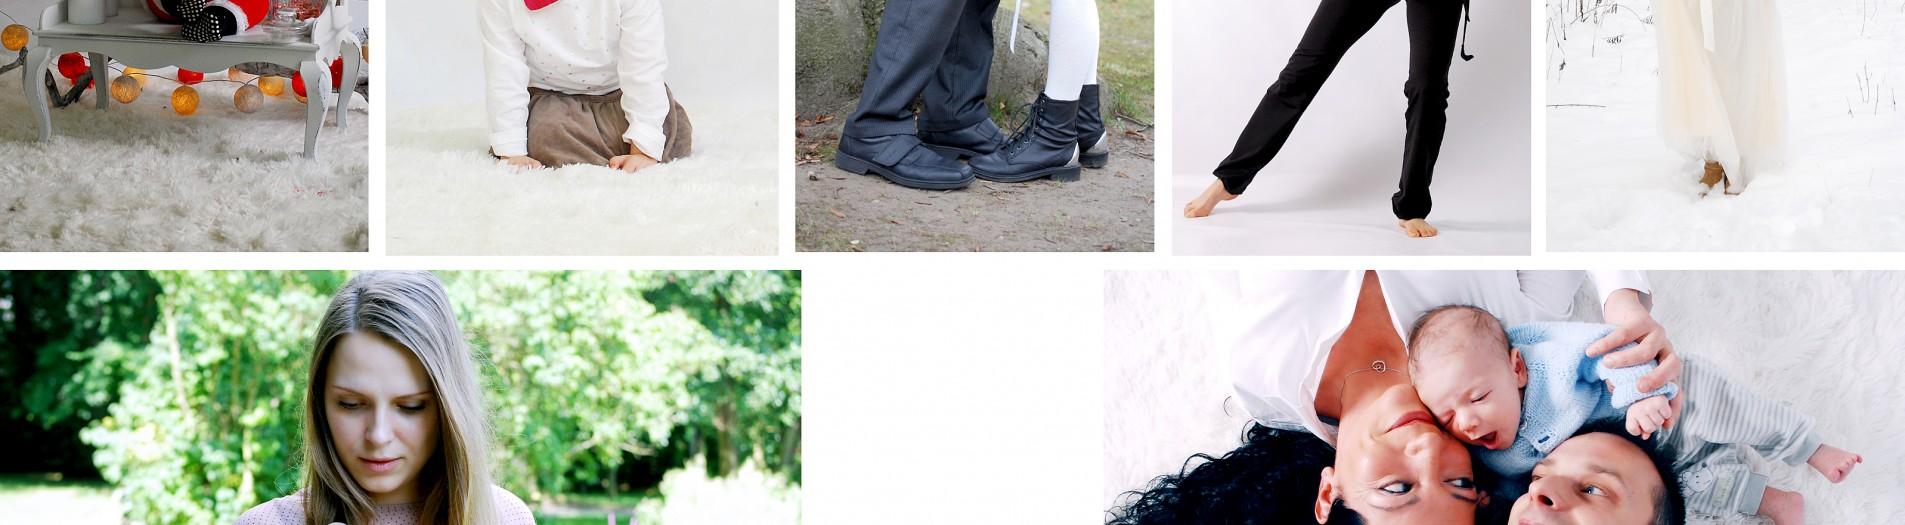 Jahresrückblick 2014 - August bis Dezember